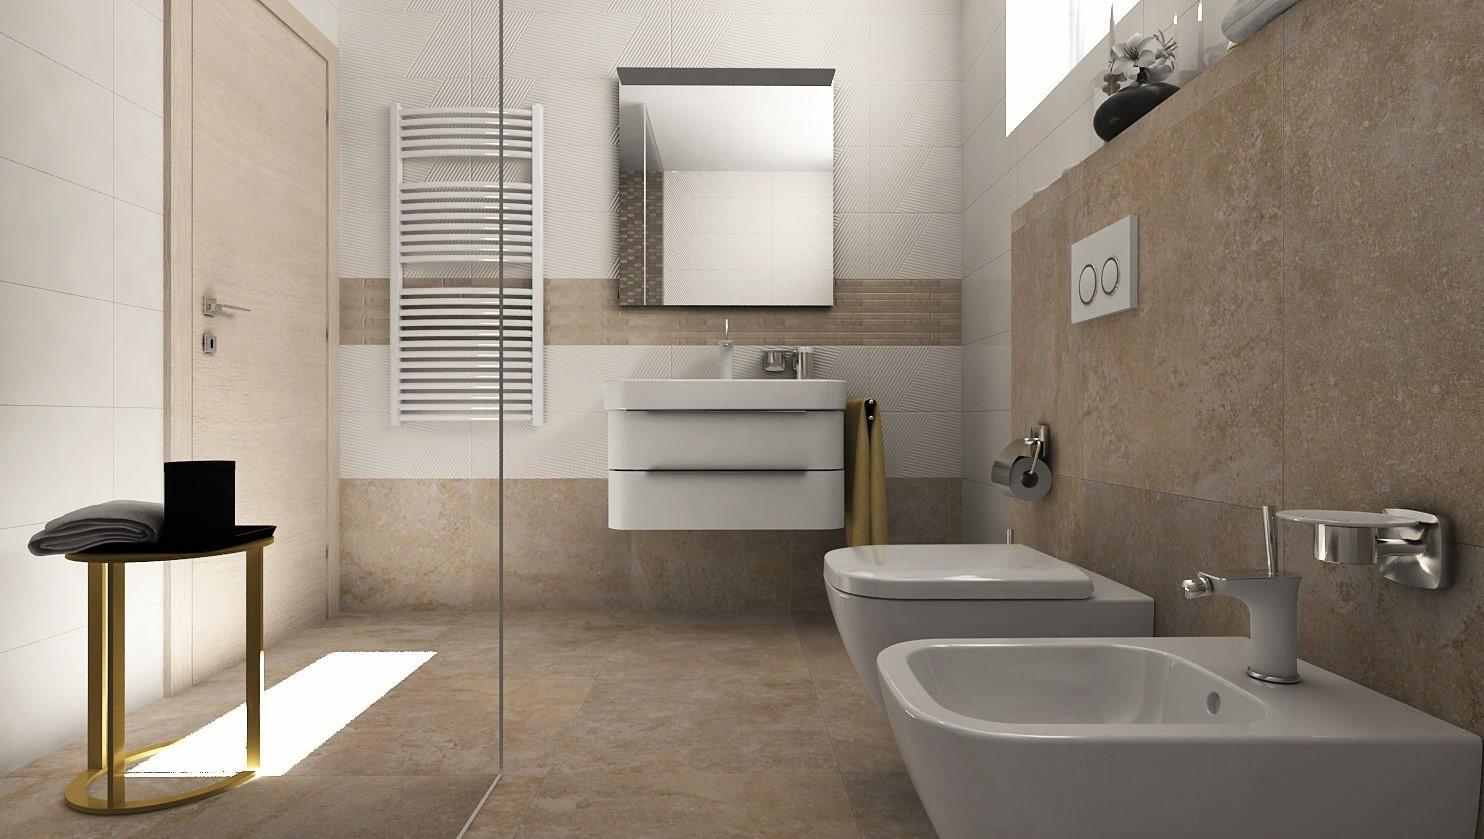 Vizualizácie kúpeľne - 3D návrh kúpeľne - dizajn kameňa 60x60 s bielym štruktúrovaným obkladom 25x75